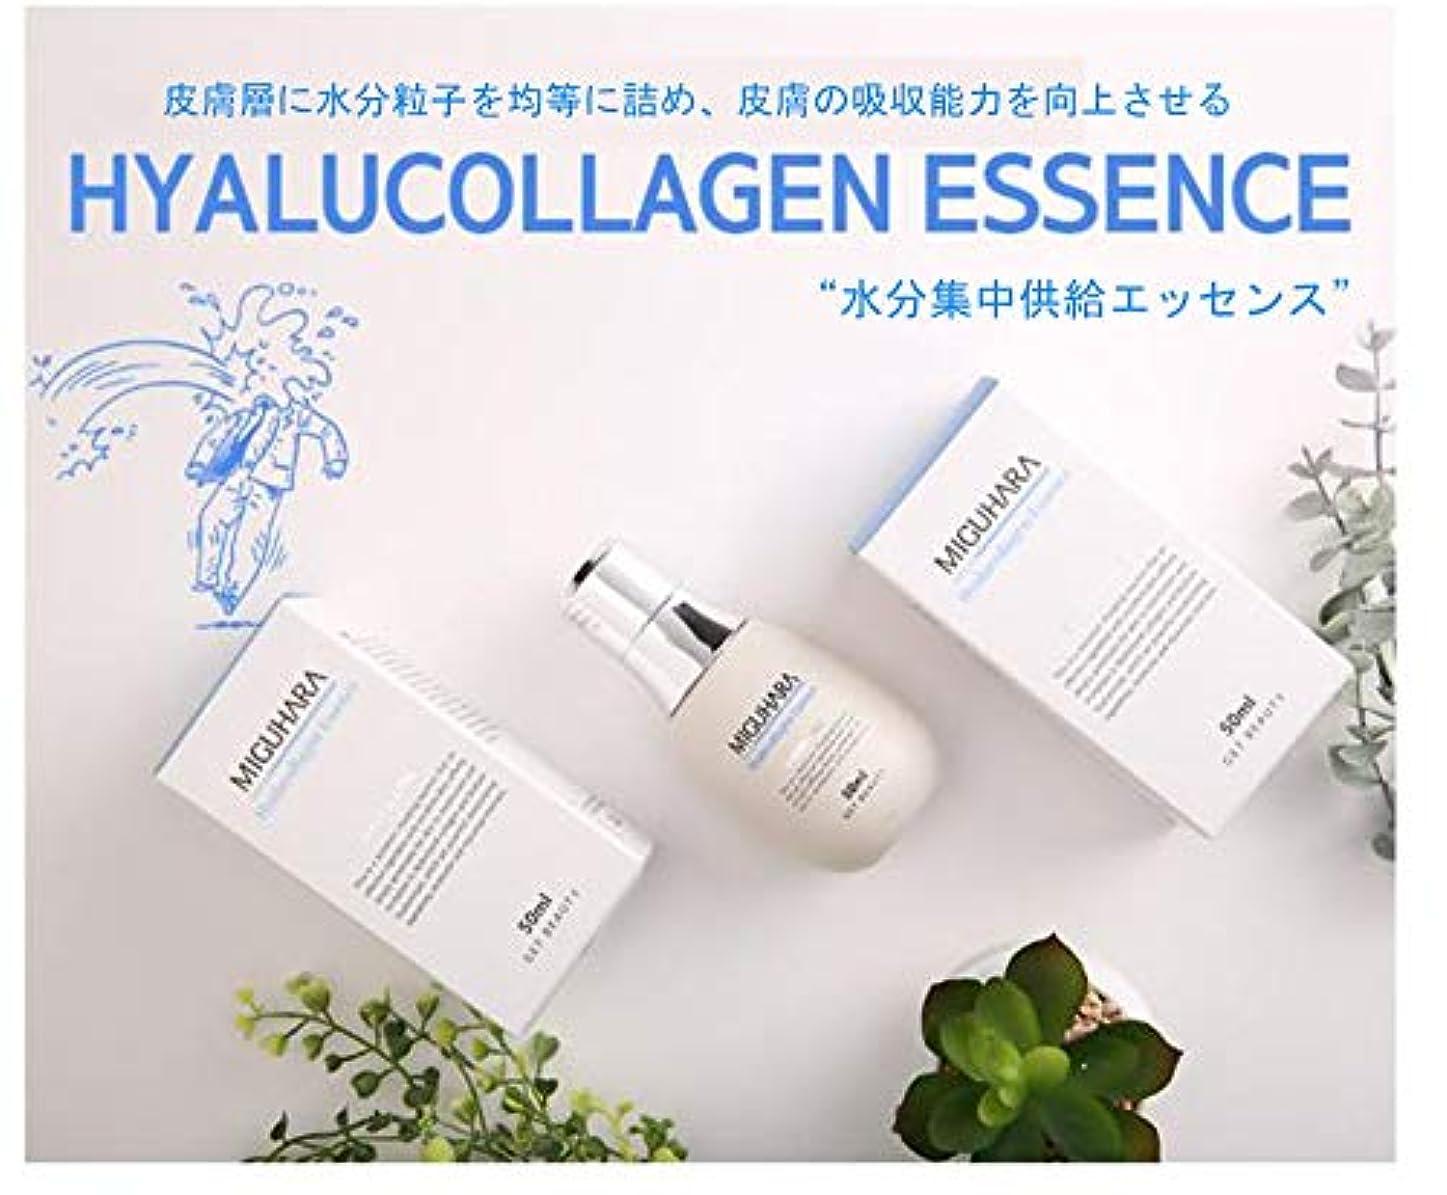 食べる人里離れたマラドロイトMIGUHARA Hyalucollagen Essence 50ml /ヒアルロンコラーゲンエッセンス 50ml